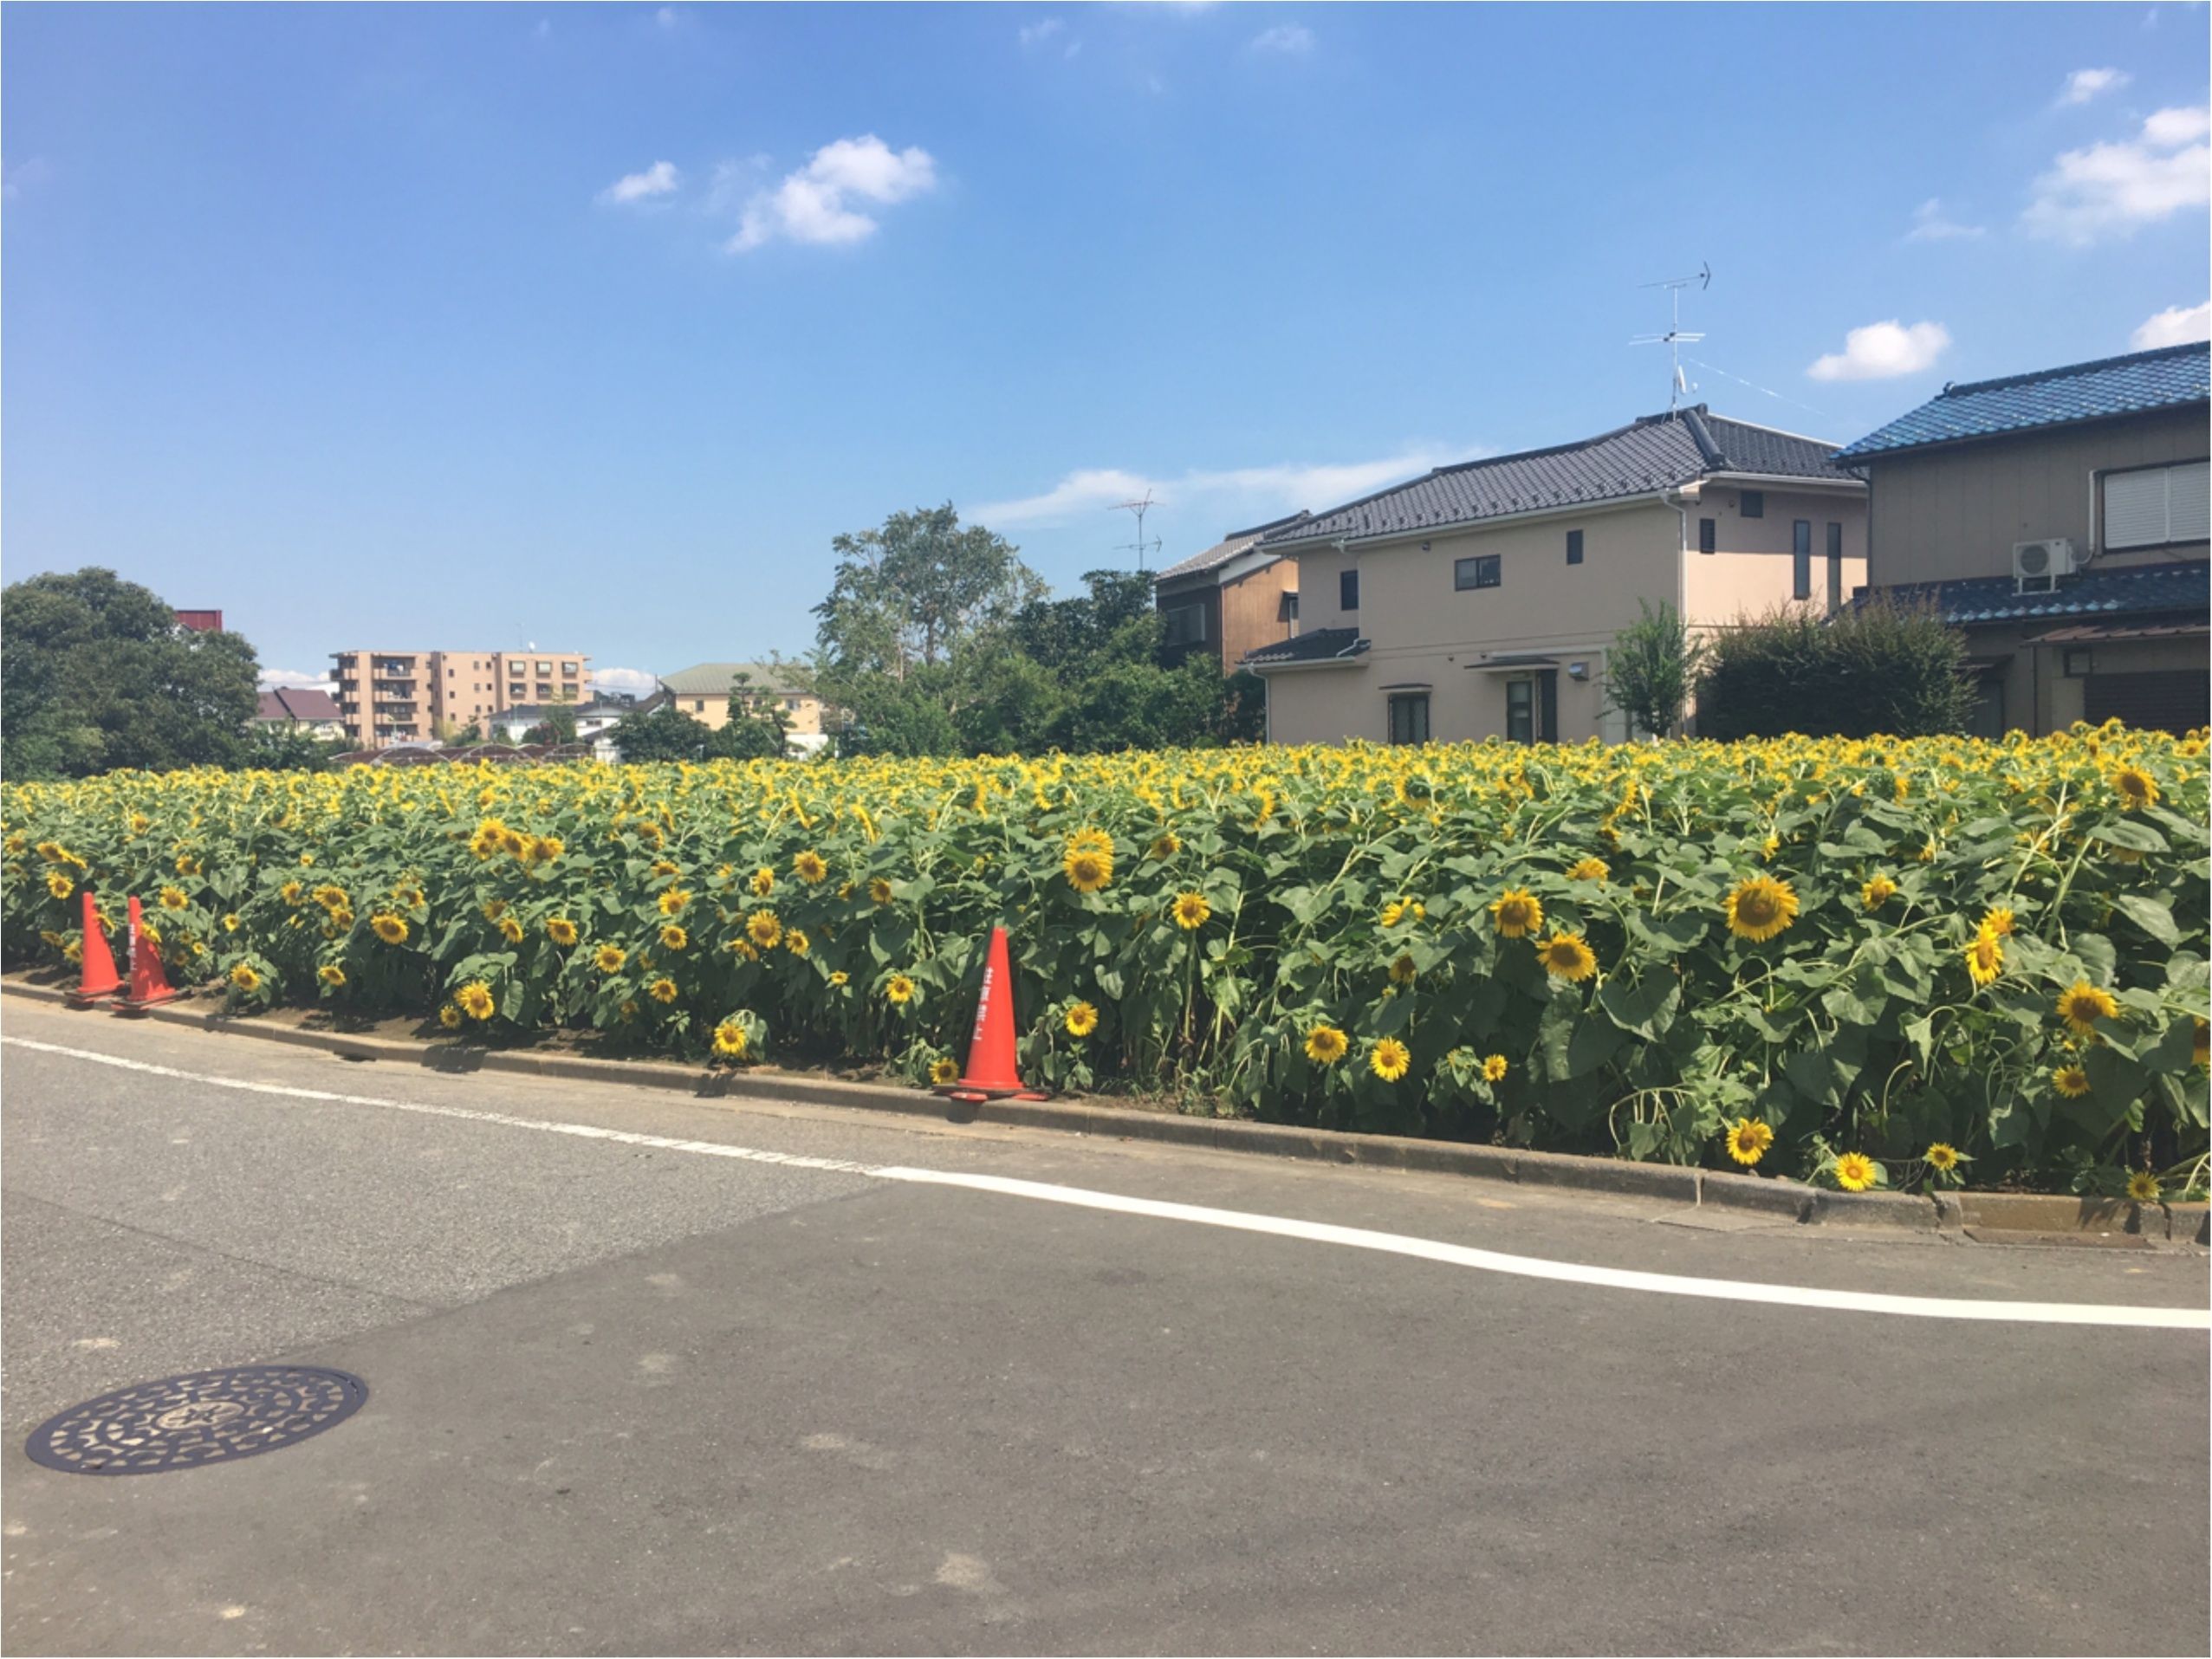 東京・世田谷にひまわり畑があるって知ってた?なんと2万本ものひまわりが!_3